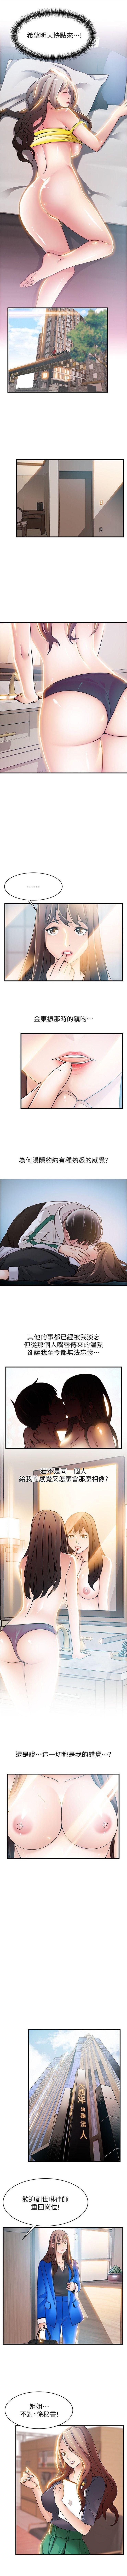 (周7)弱点 1-66 中文翻译(更新中) 143